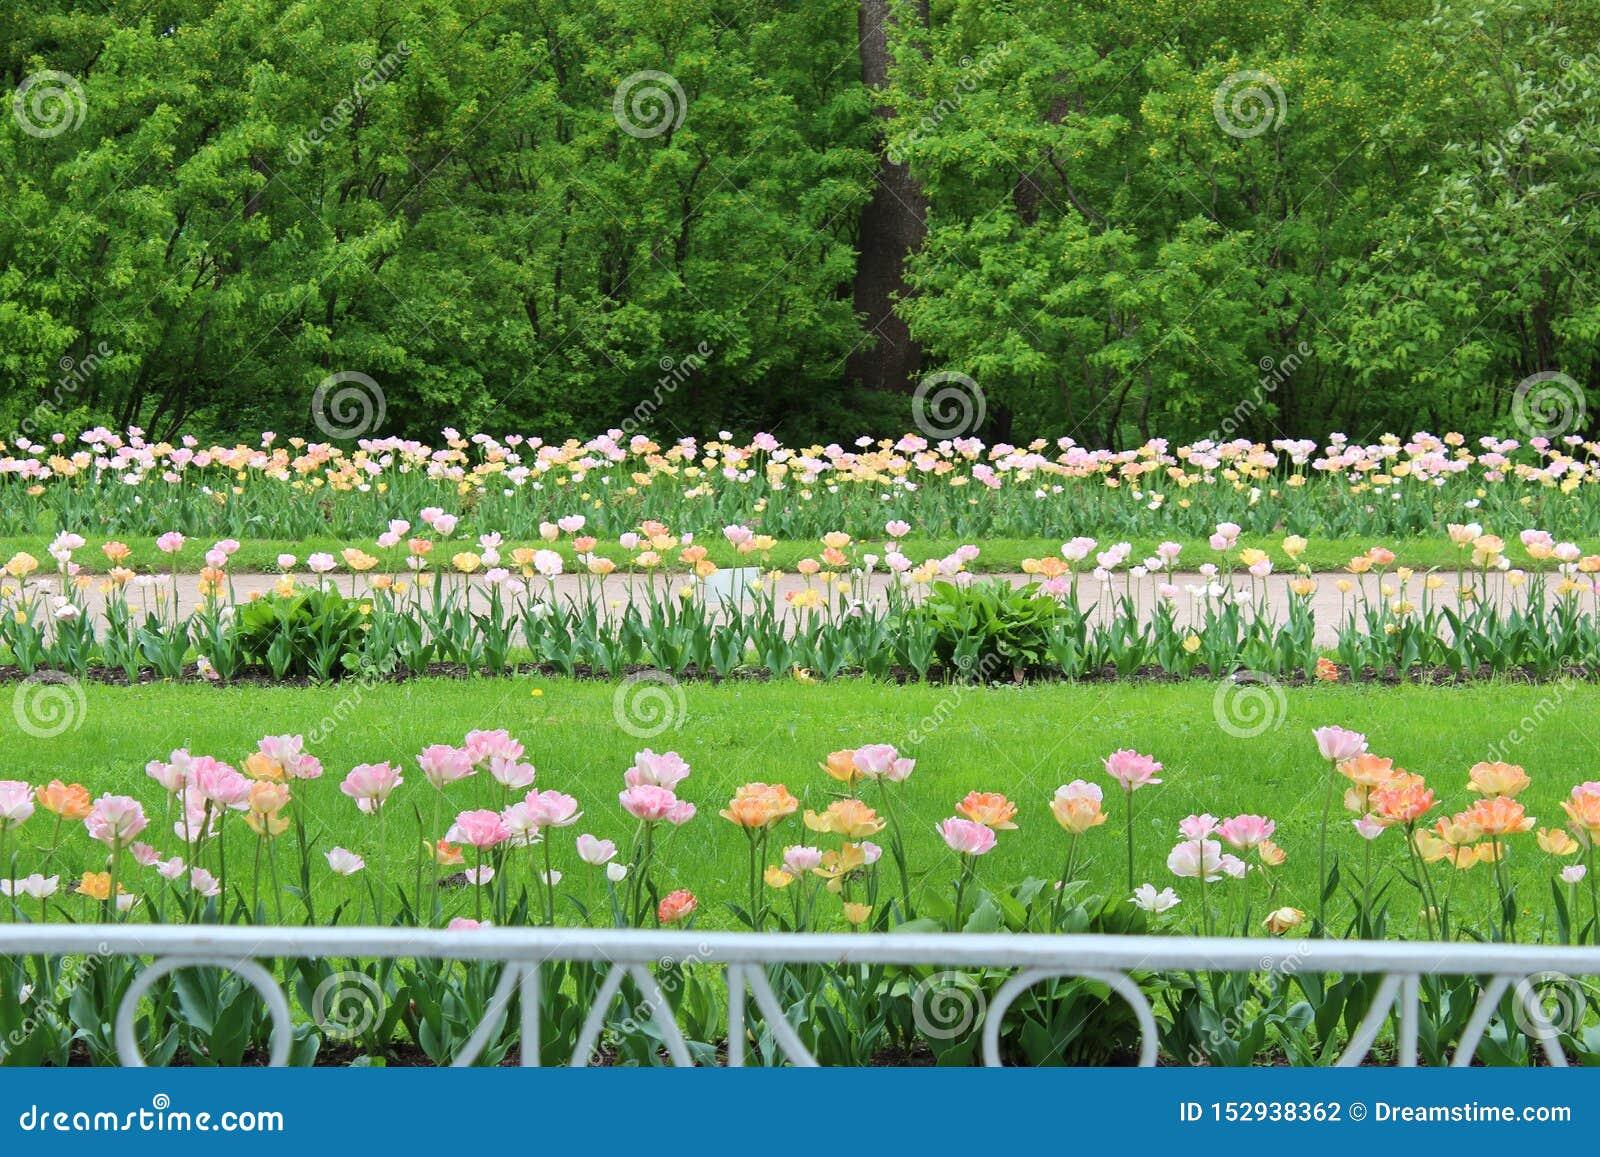 Le meilleur ressort de dépense de temps dans la ville est un parc fleurissant